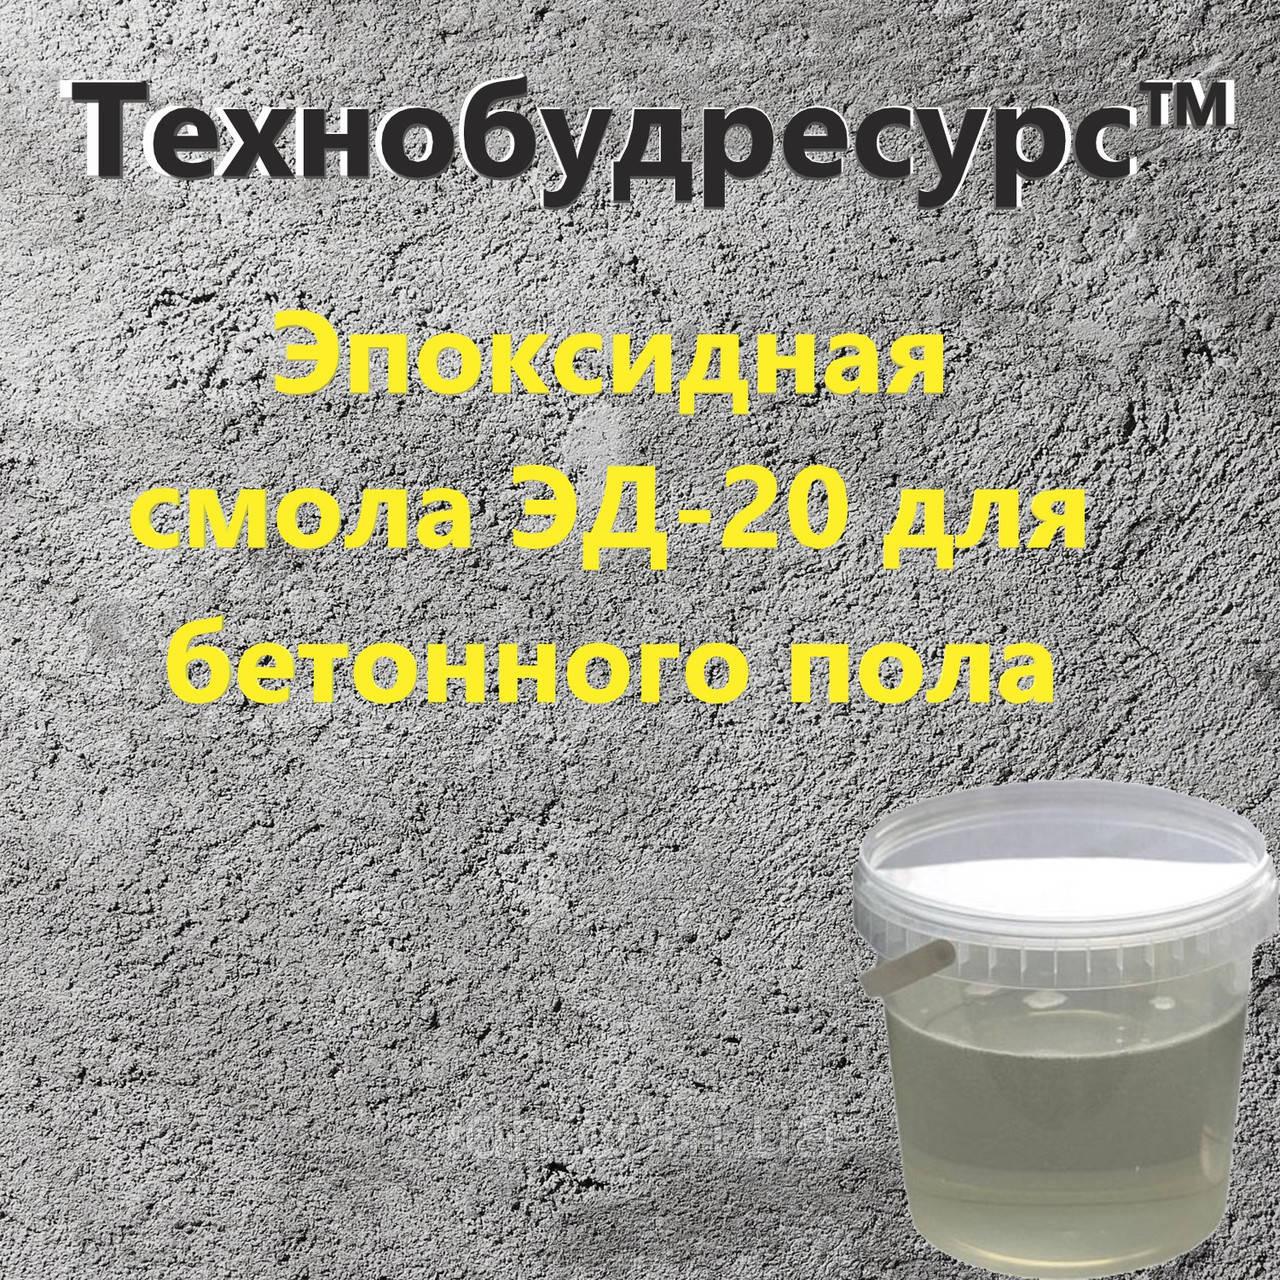 Бетон и эпоксидная смола купить прокачать керамзитобетон